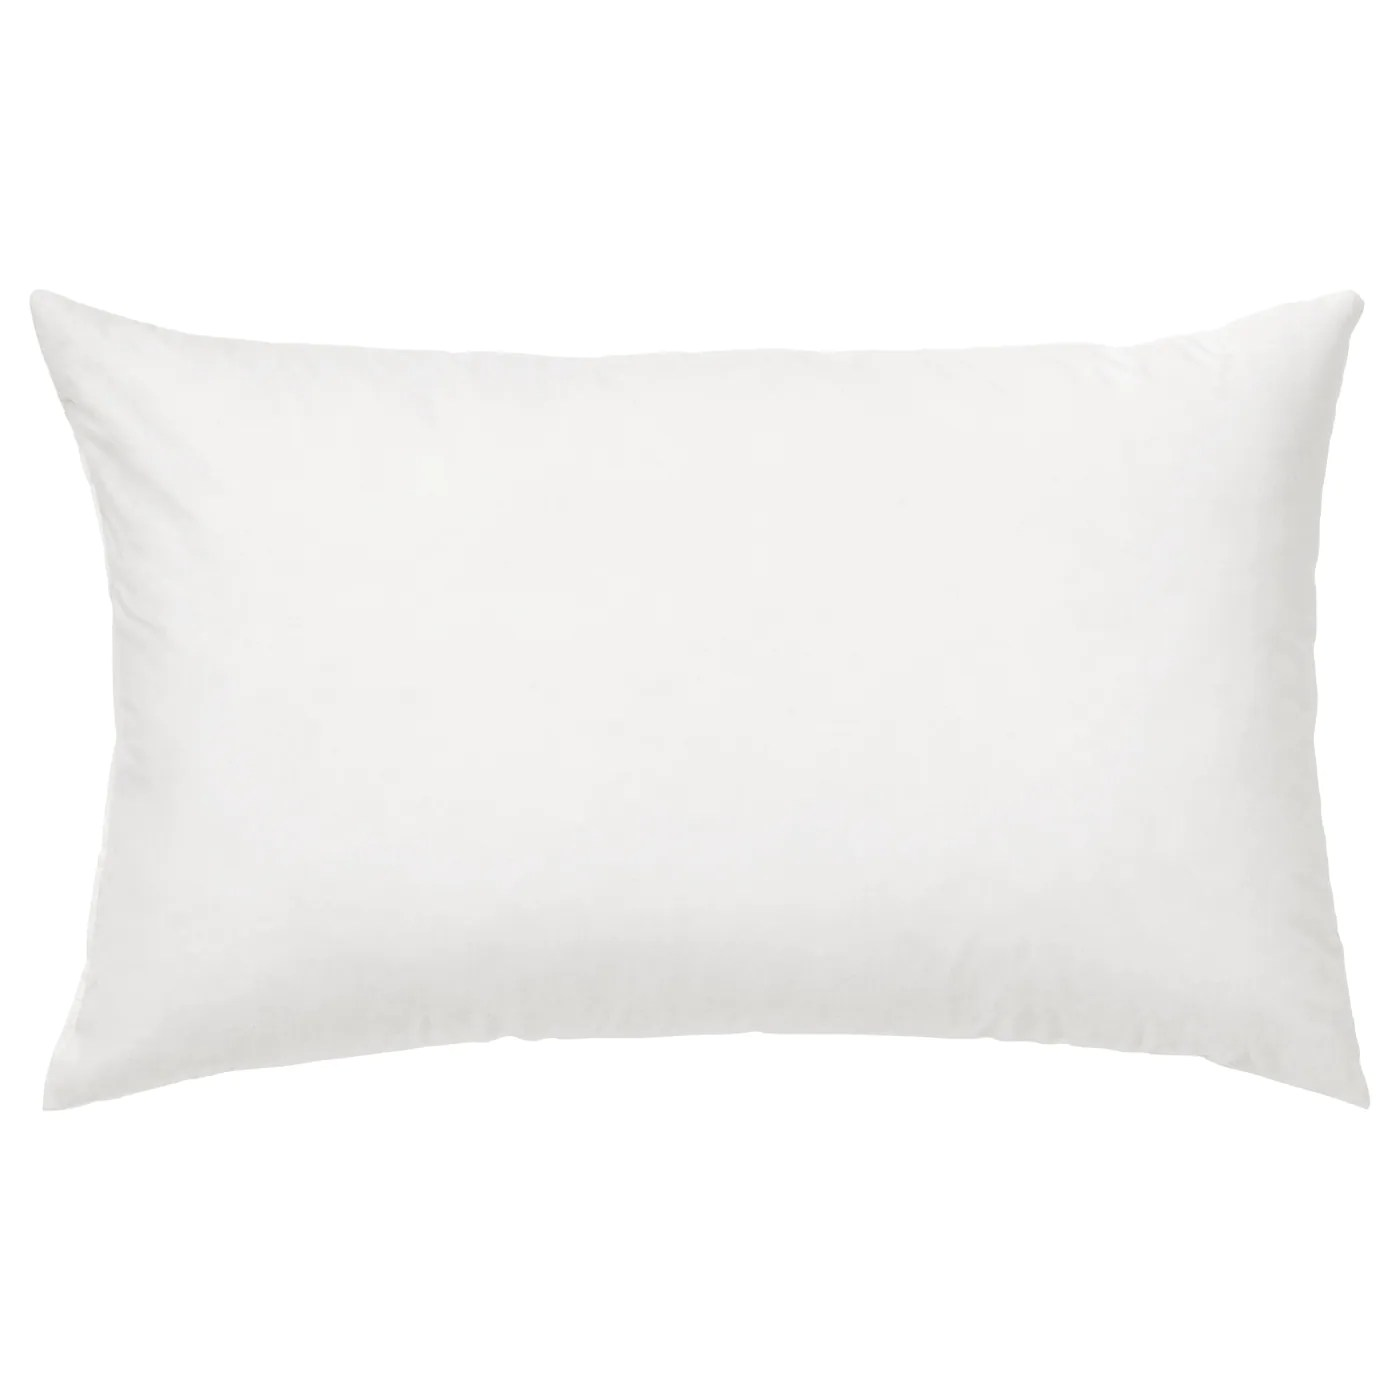 fjadrar inner cushion off white 16x26